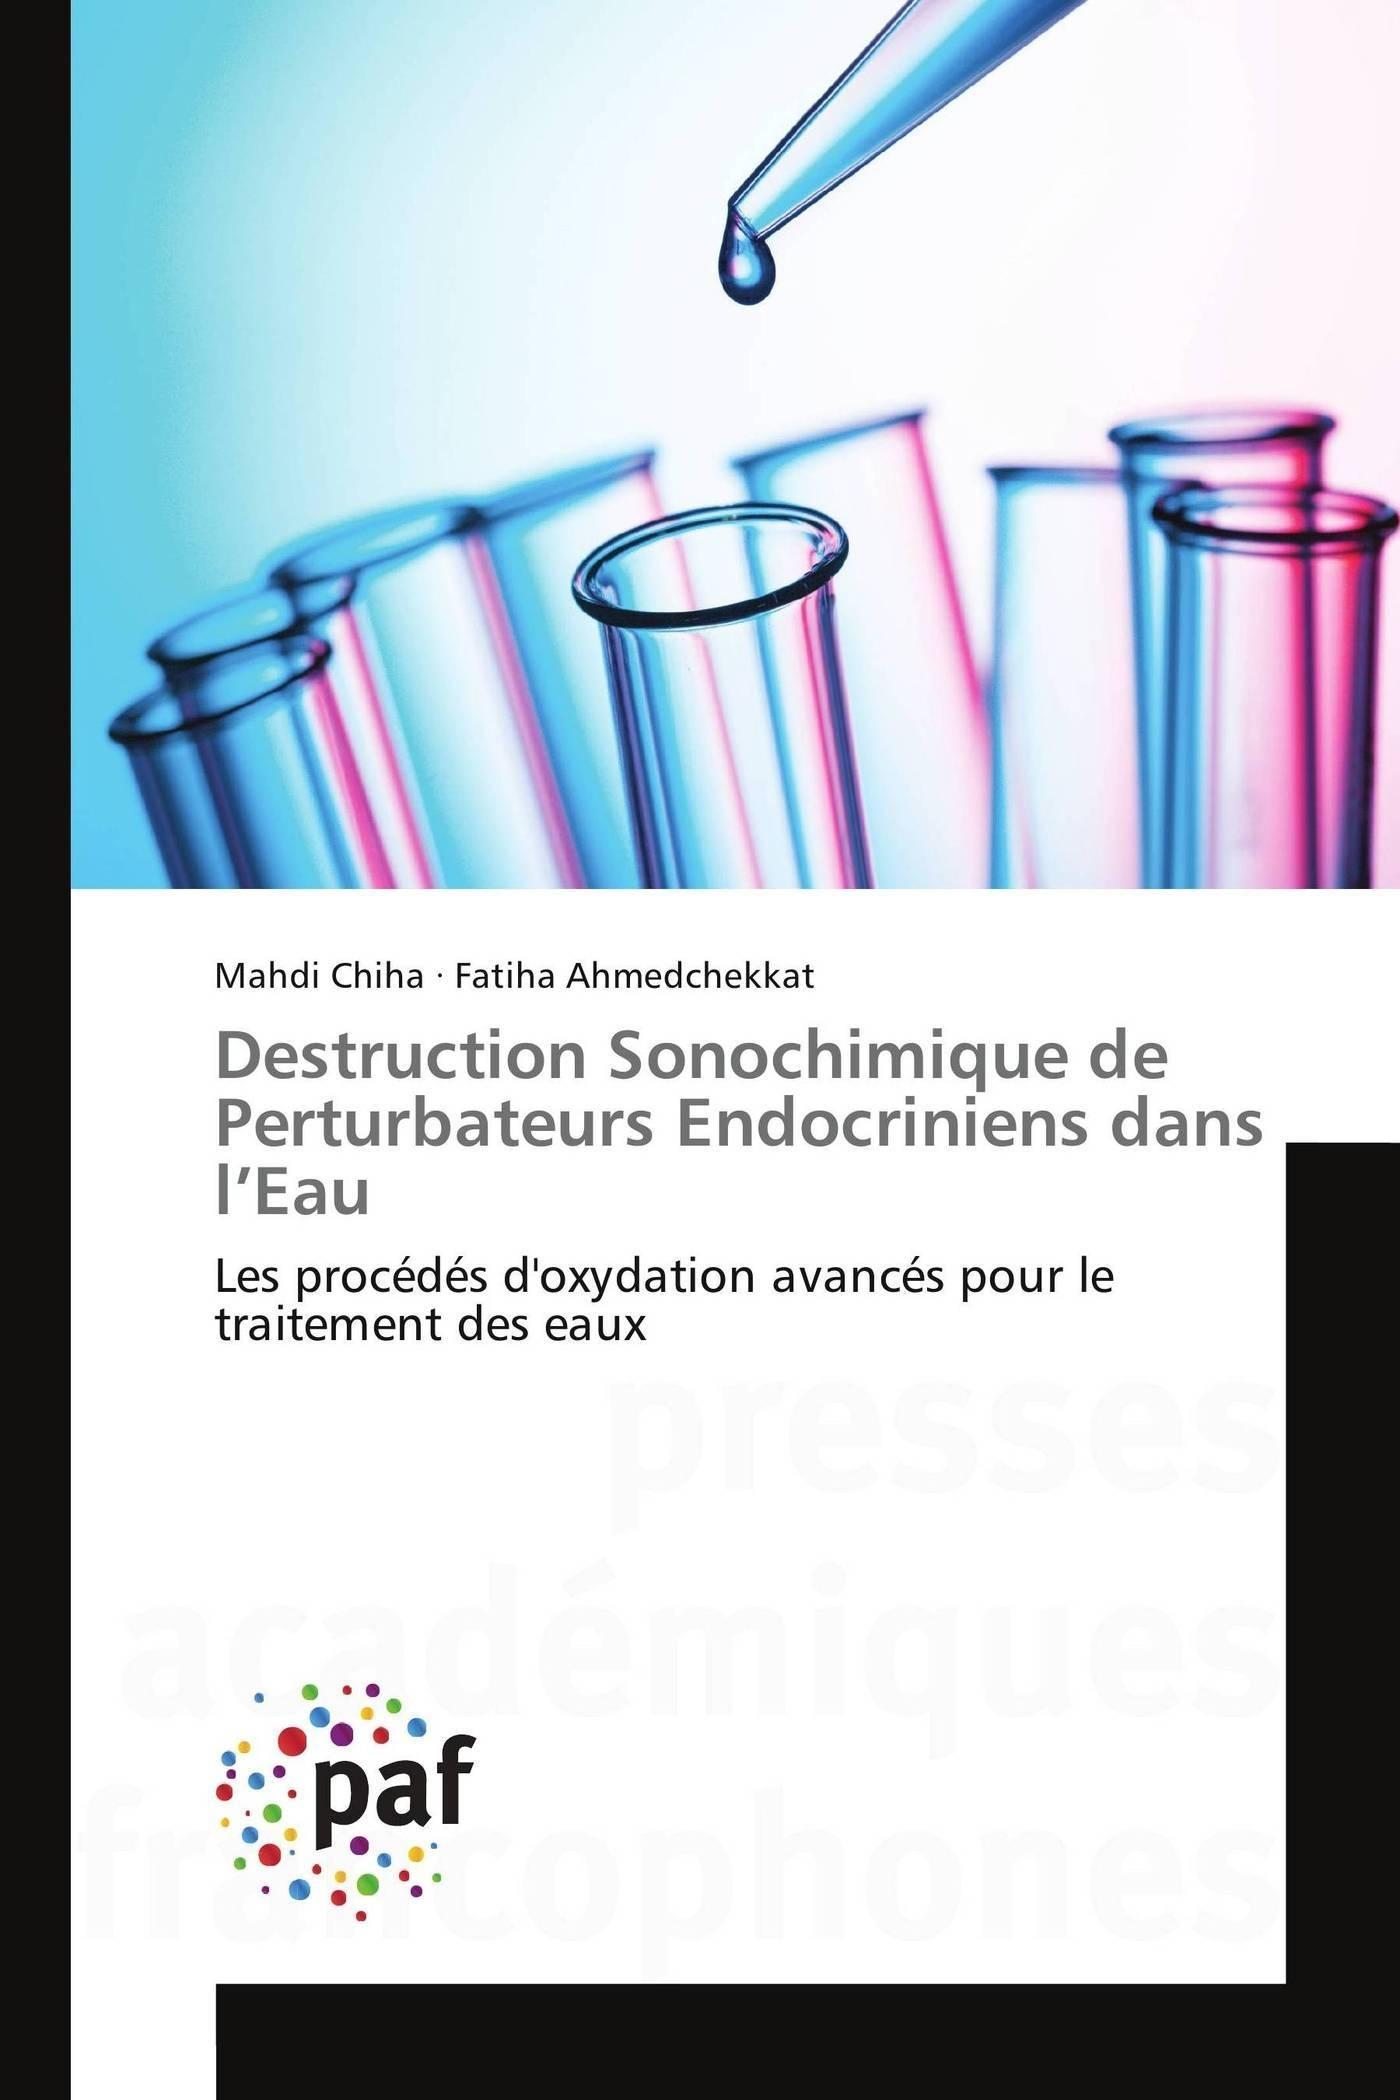 DESTRUCTION SONOCHIMIQUE DE PERTURBATEURS ENDOCRINIENS DANS L EAU